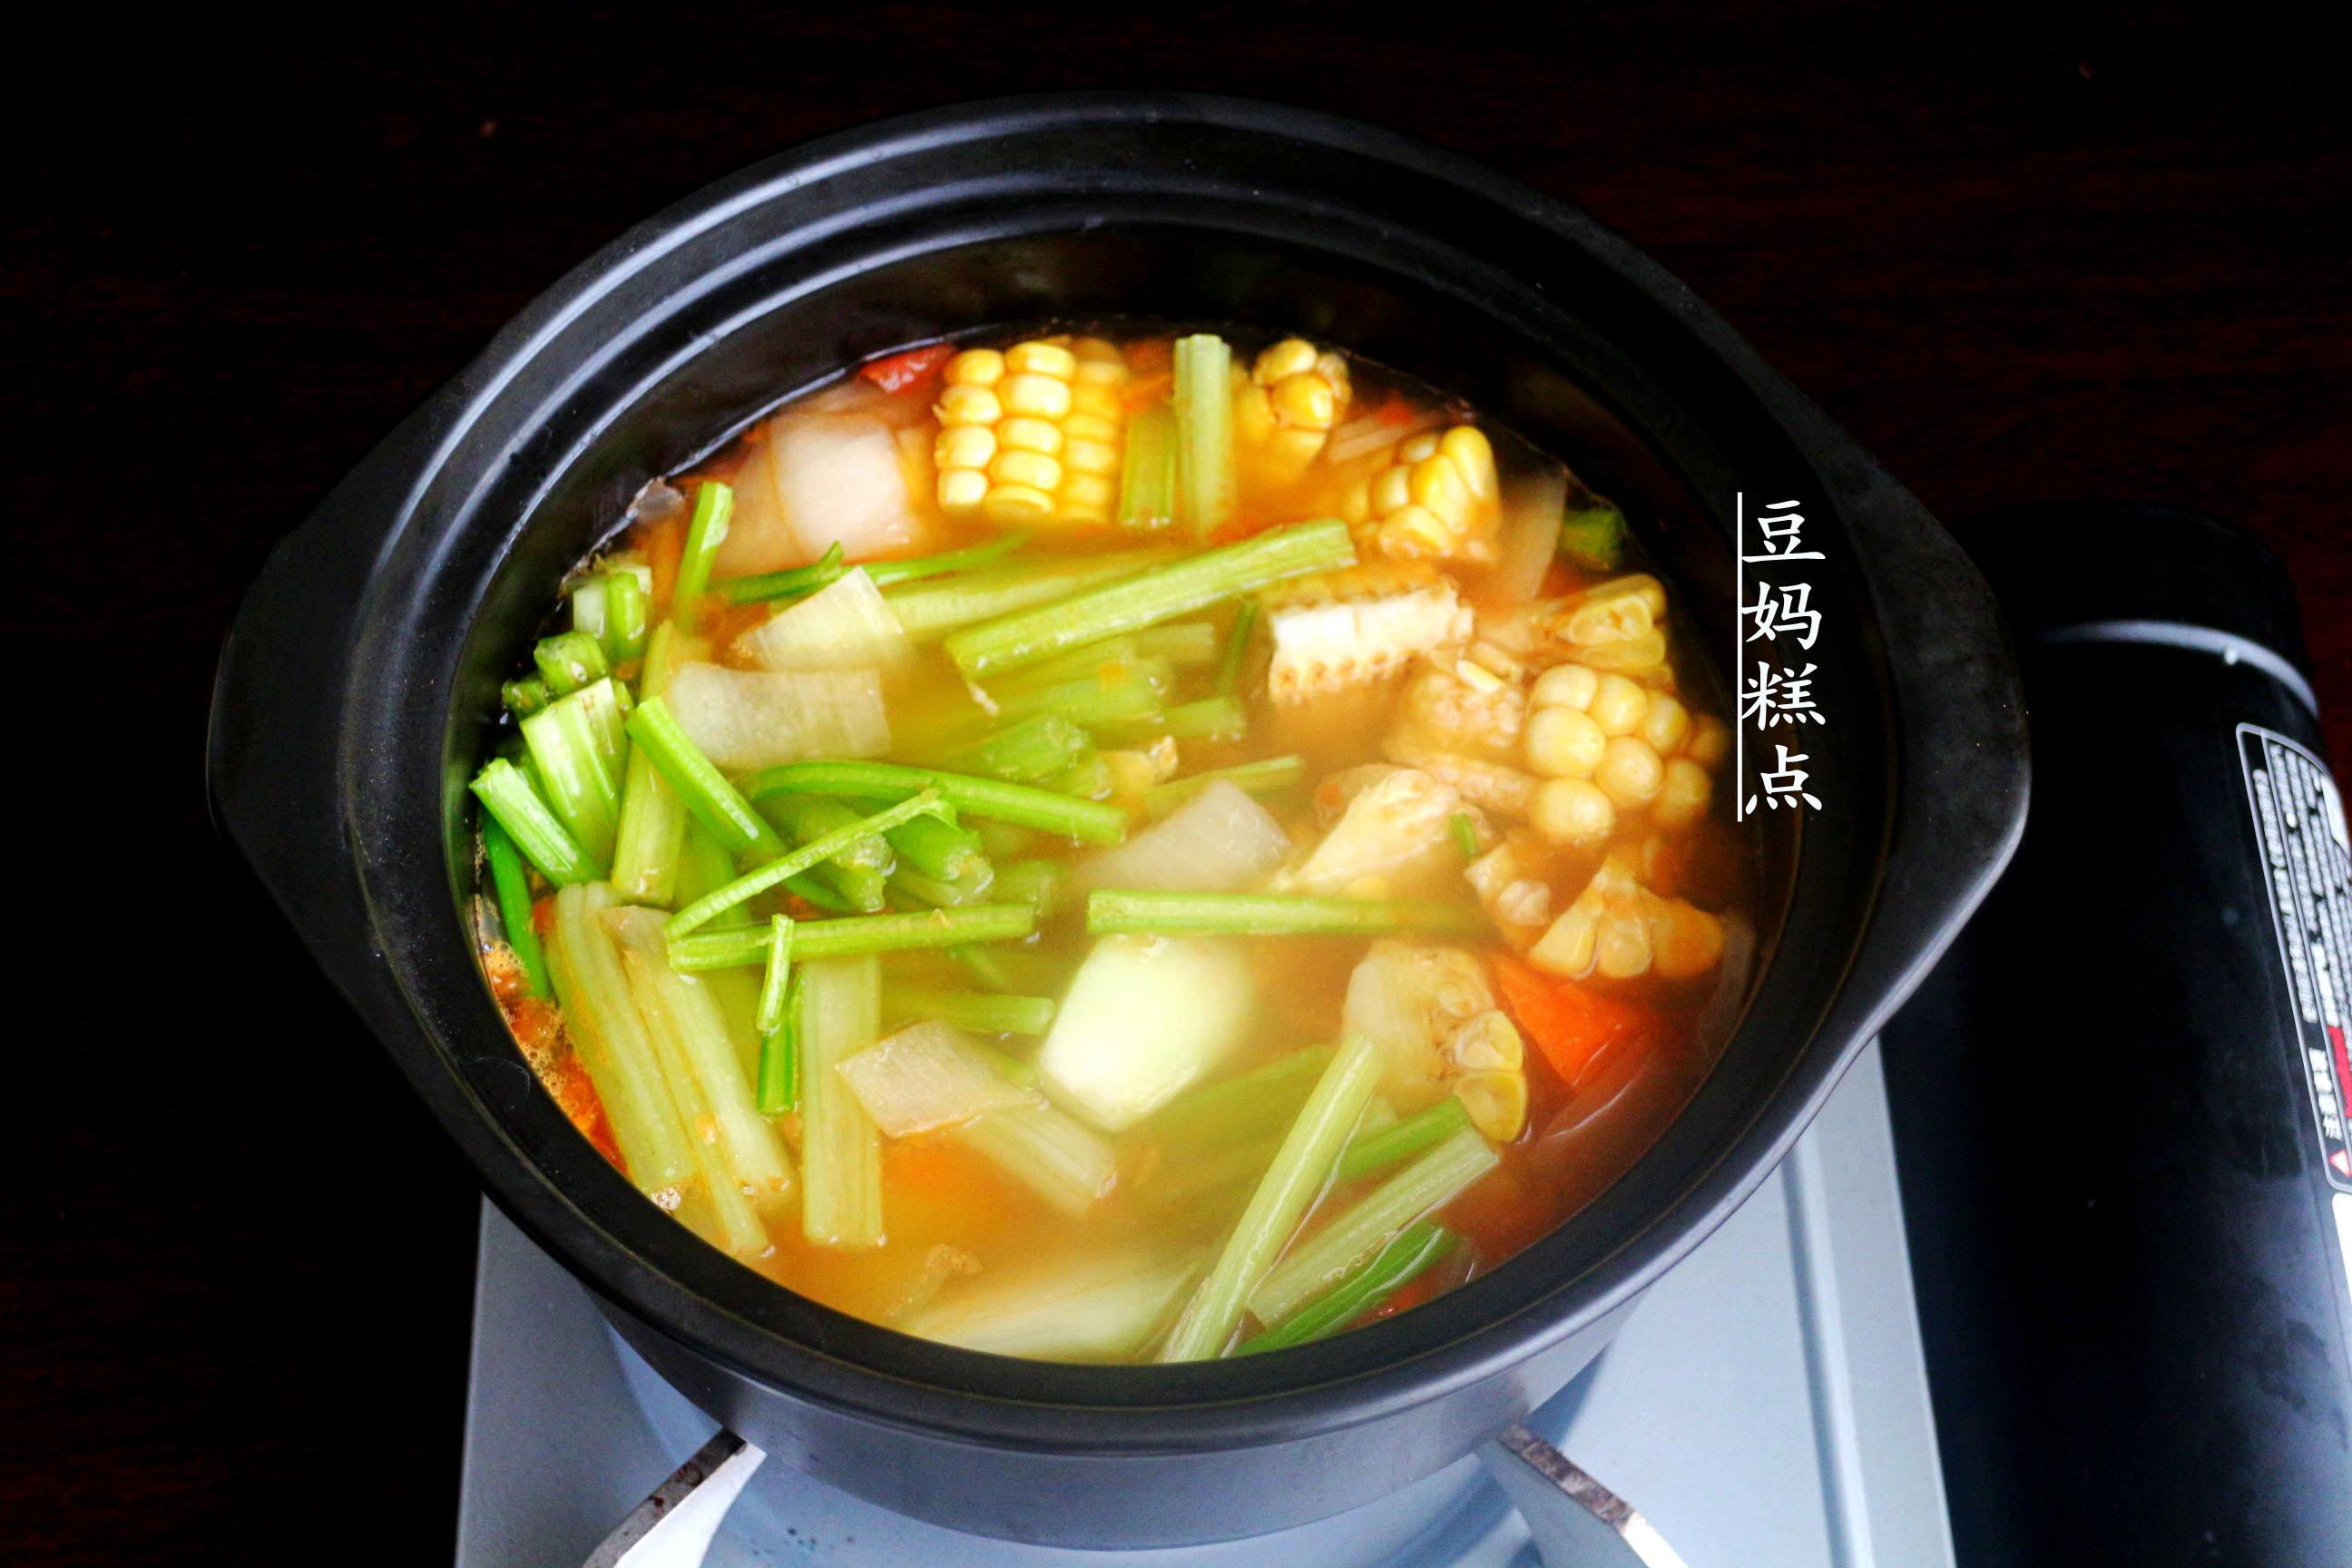 学做瘦身蔬菜汤,健康瘦身,营养不缺 减肥菜谱 第5张